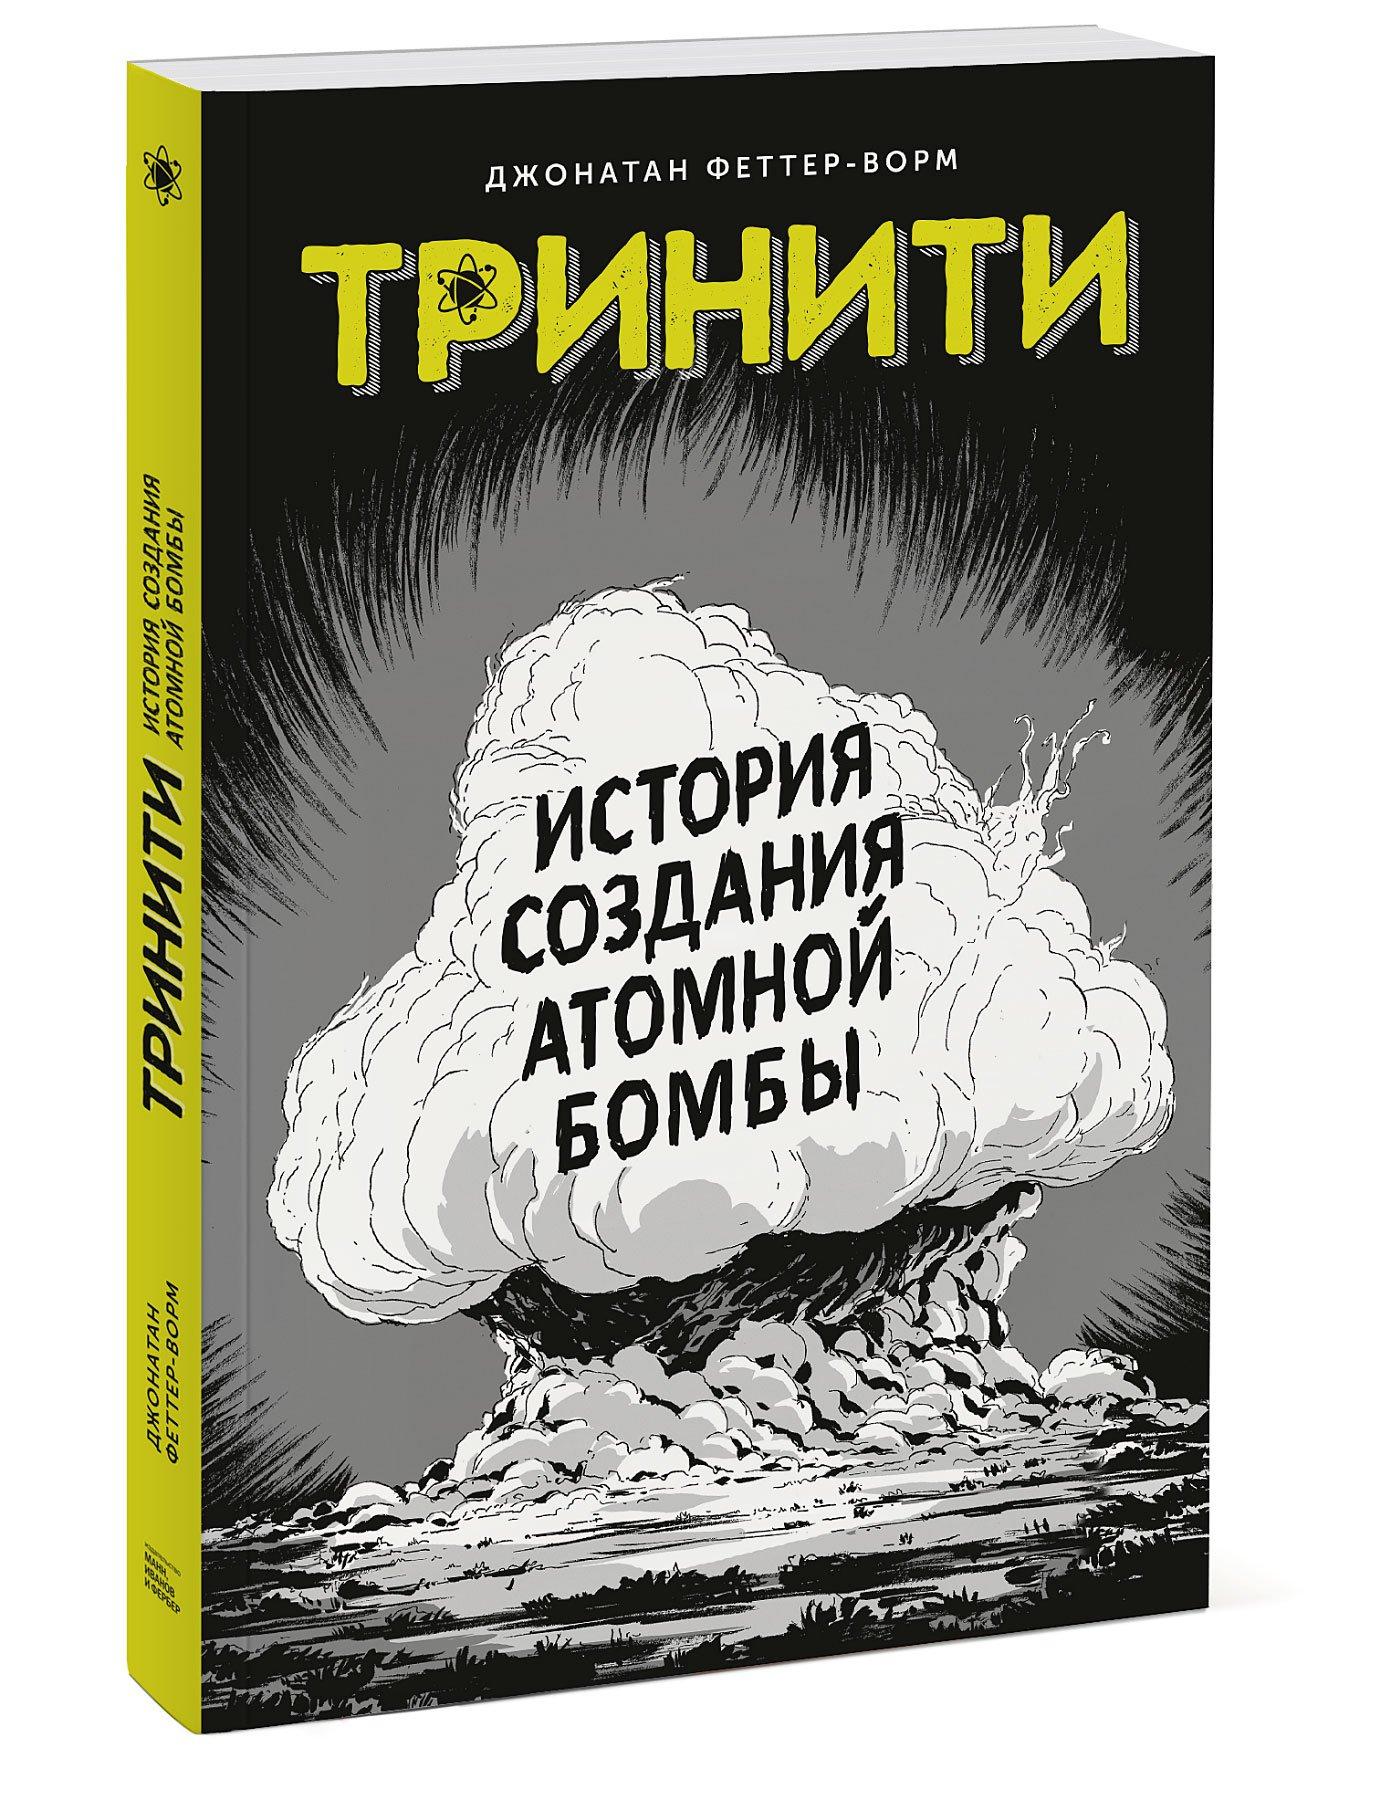 Джонатан Феттер-Ворм Тринити. История создания атомной бомбы